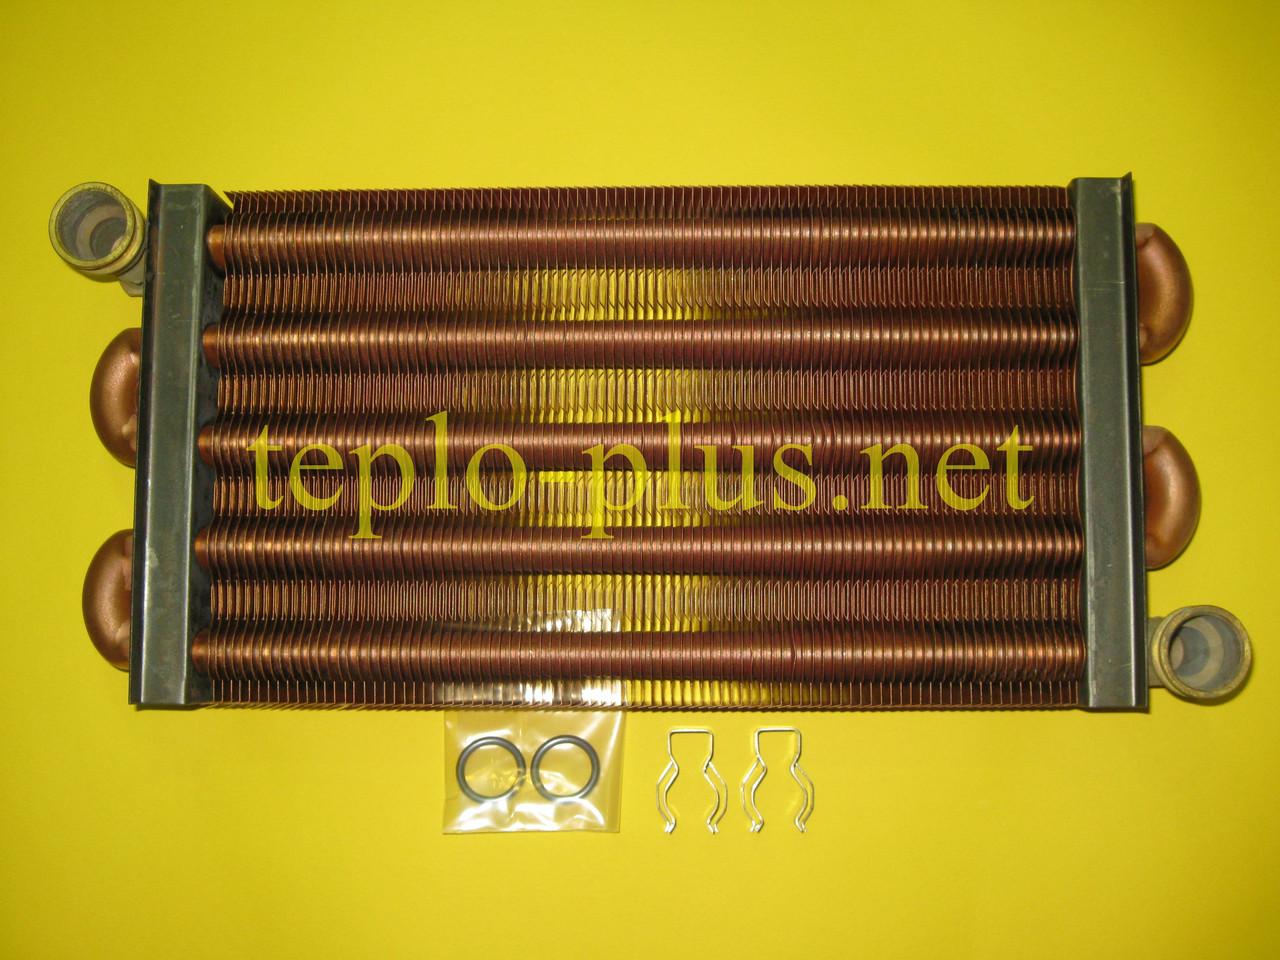 Теплообменник котла vaillant vuw int 242 2 3 купить в кирове теплообменник м3 через